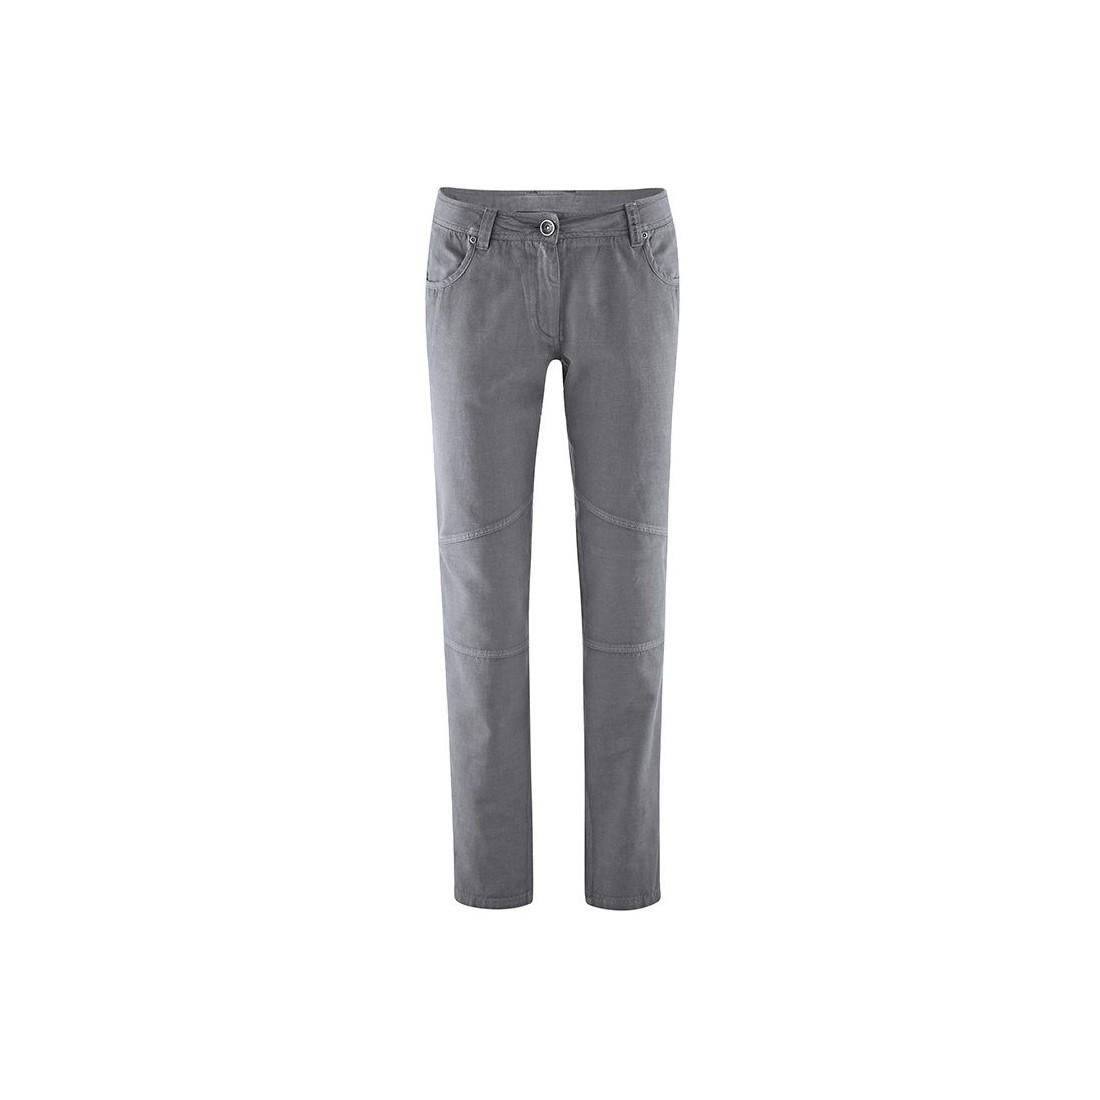 Pantalons bio femme - chanvre et coton bio - Naturellement Chanvre bc54ccfc71ad